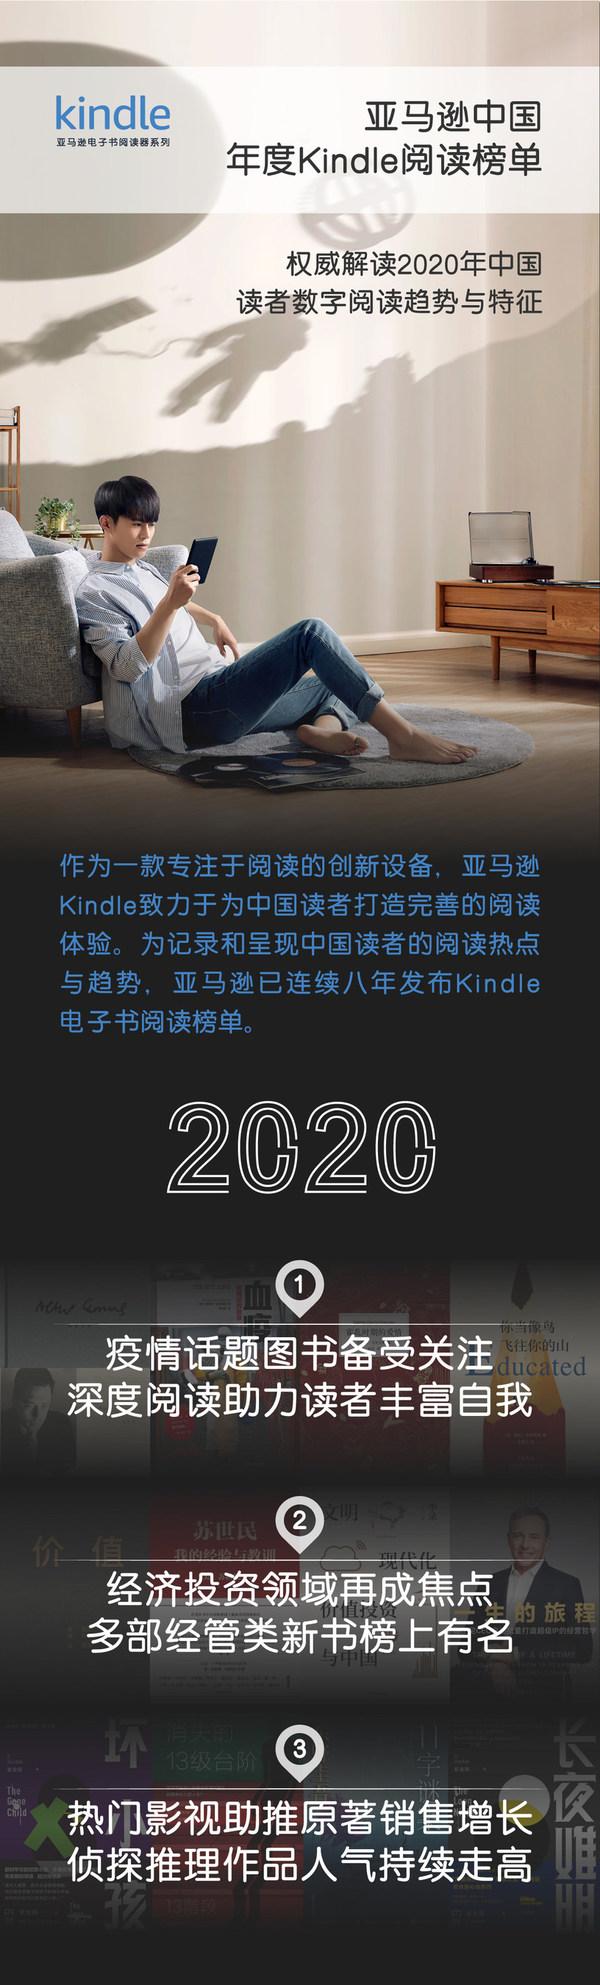 亚马逊中国发布年度Kindle阅读榜单 解读2020年数字阅读趋势